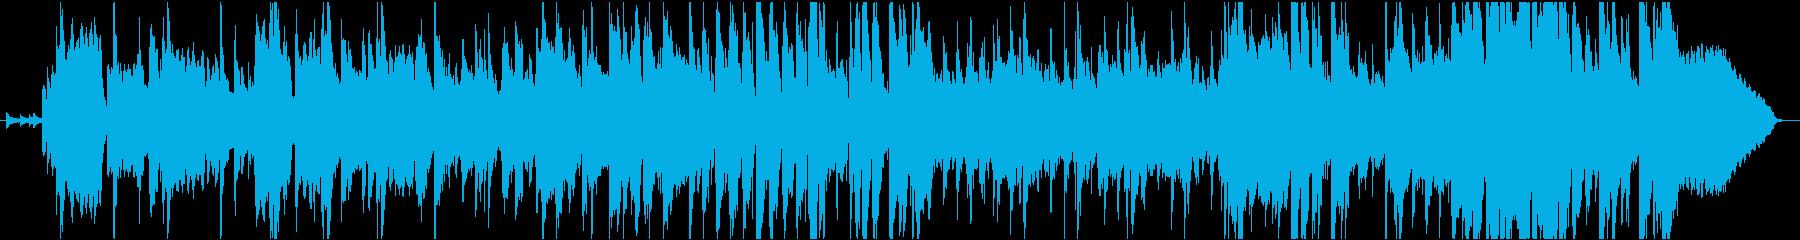 ジャズバーのような大人のジャズの再生済みの波形